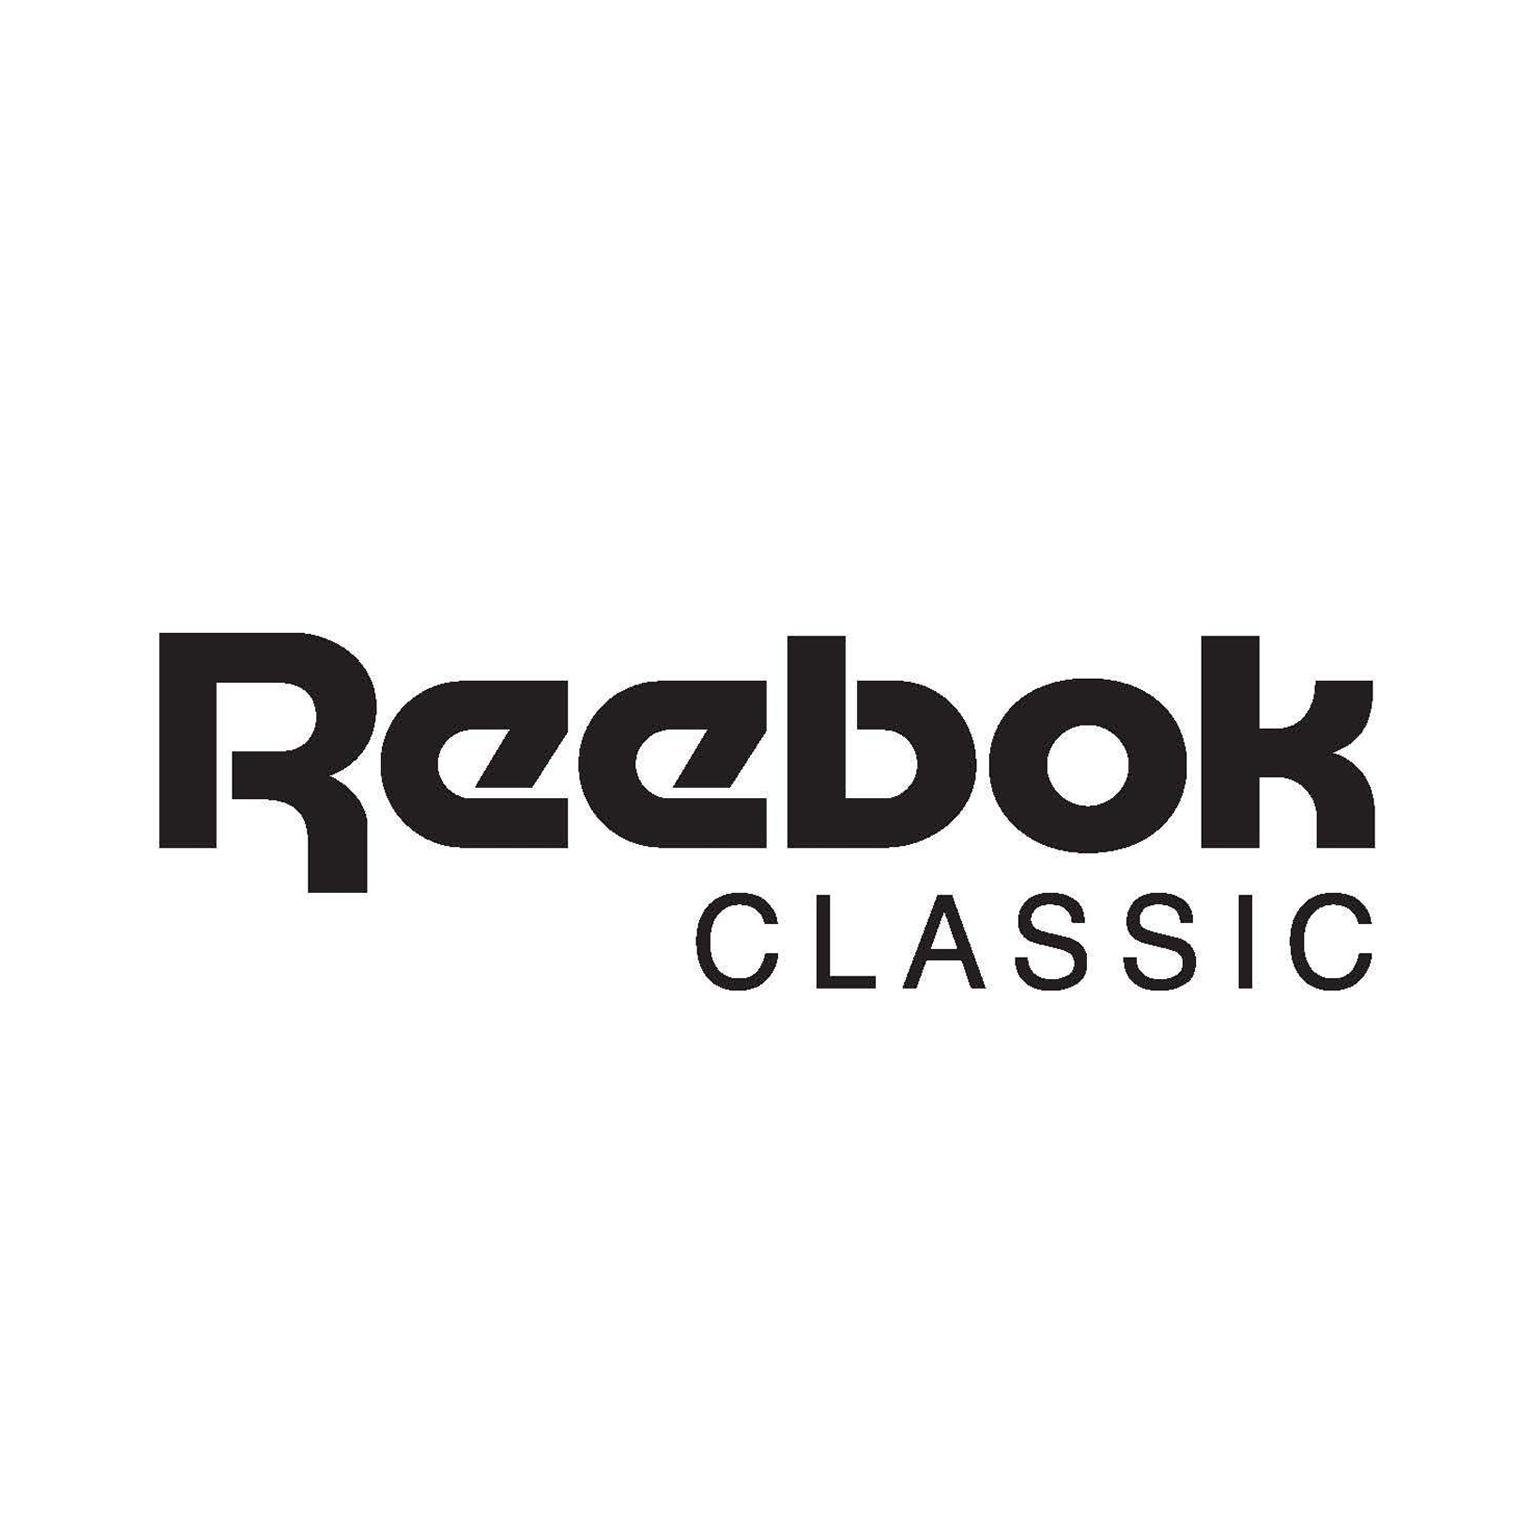 Reebok Classic.jpg